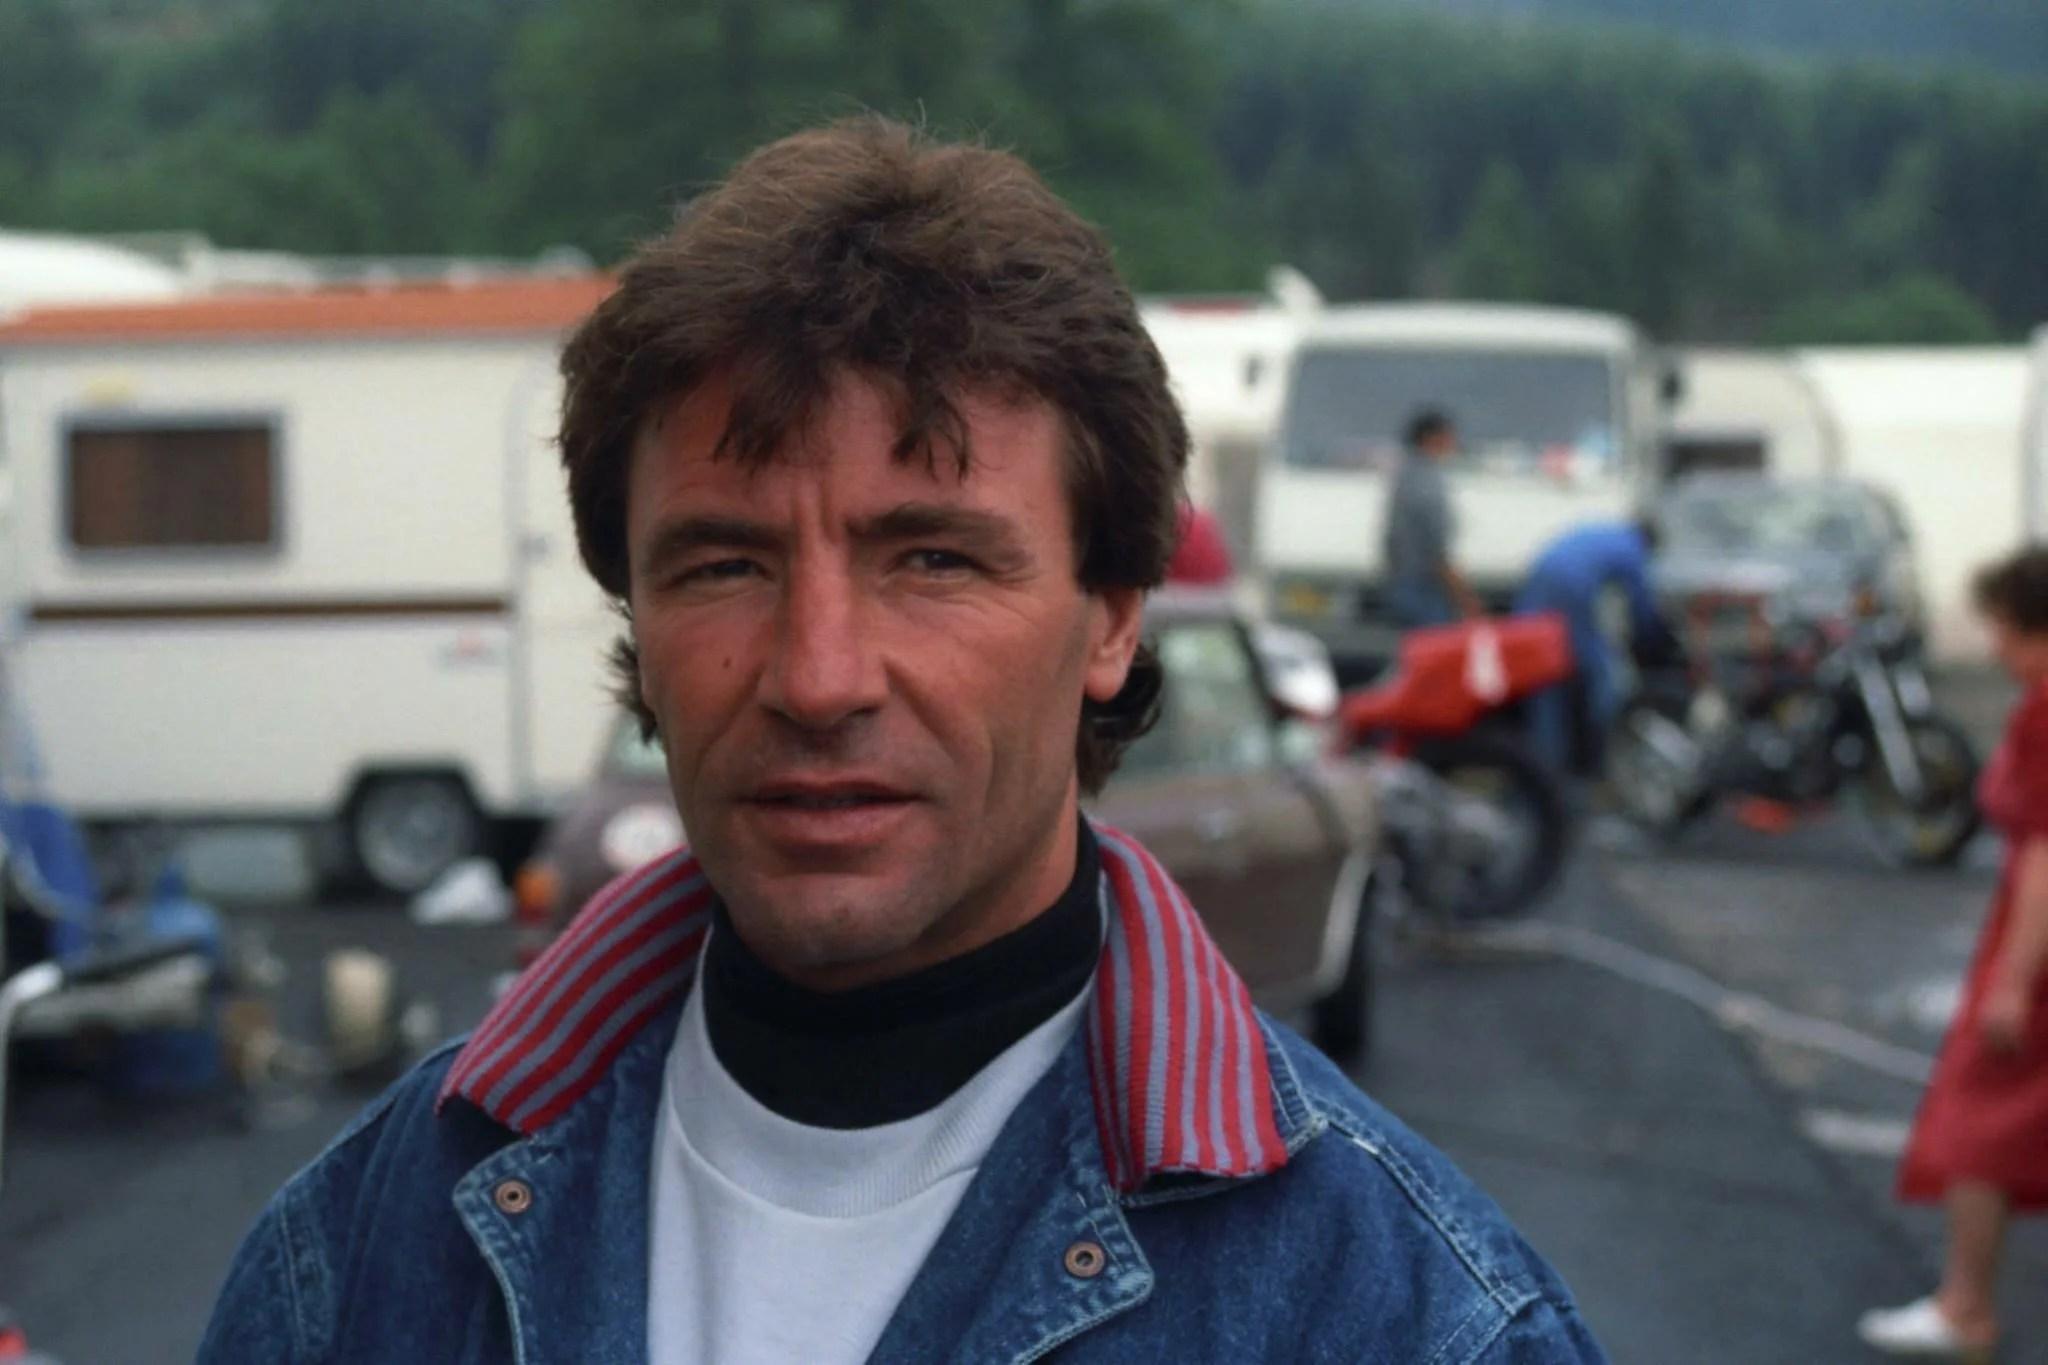 Angel Nieto un des plus grands pilotes avec 13 titres mondiaux est décédé le 03.08.2017 suite à un accident de la circulation Voir sa carrière son palmarès